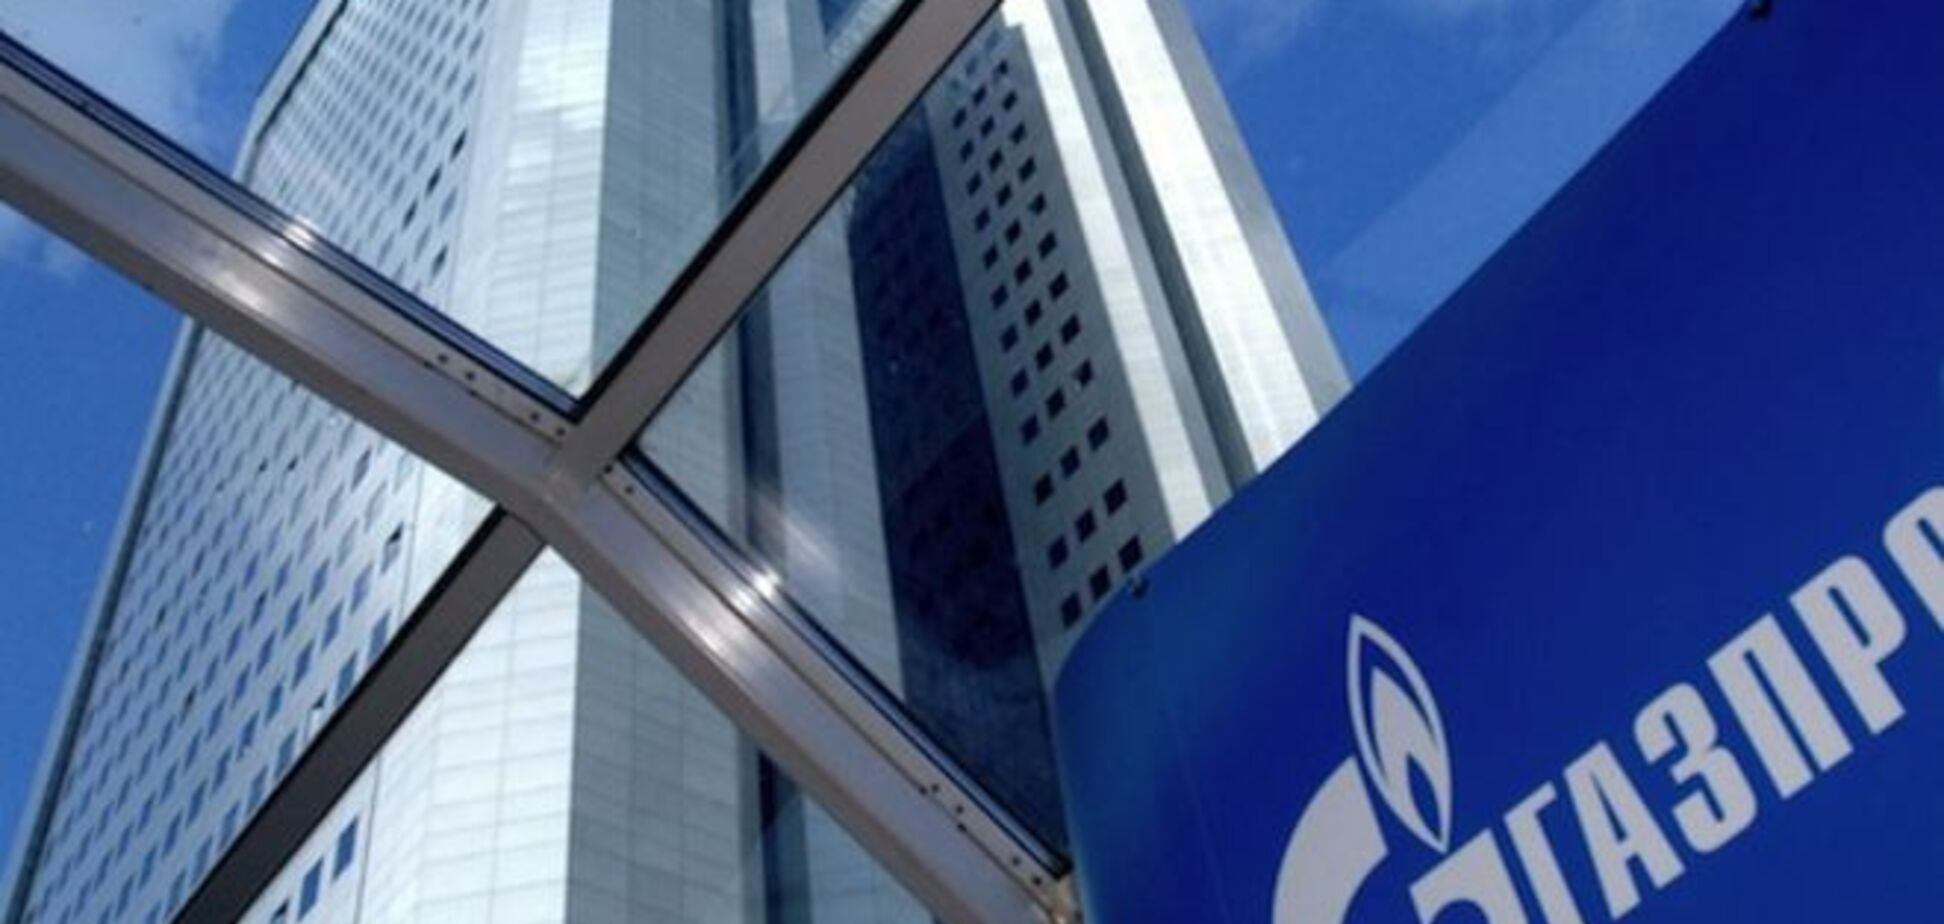 США обновили санкции против России: впервые под ударом гиганты 'Газпром', 'Лукойл' и 'Транснефть'